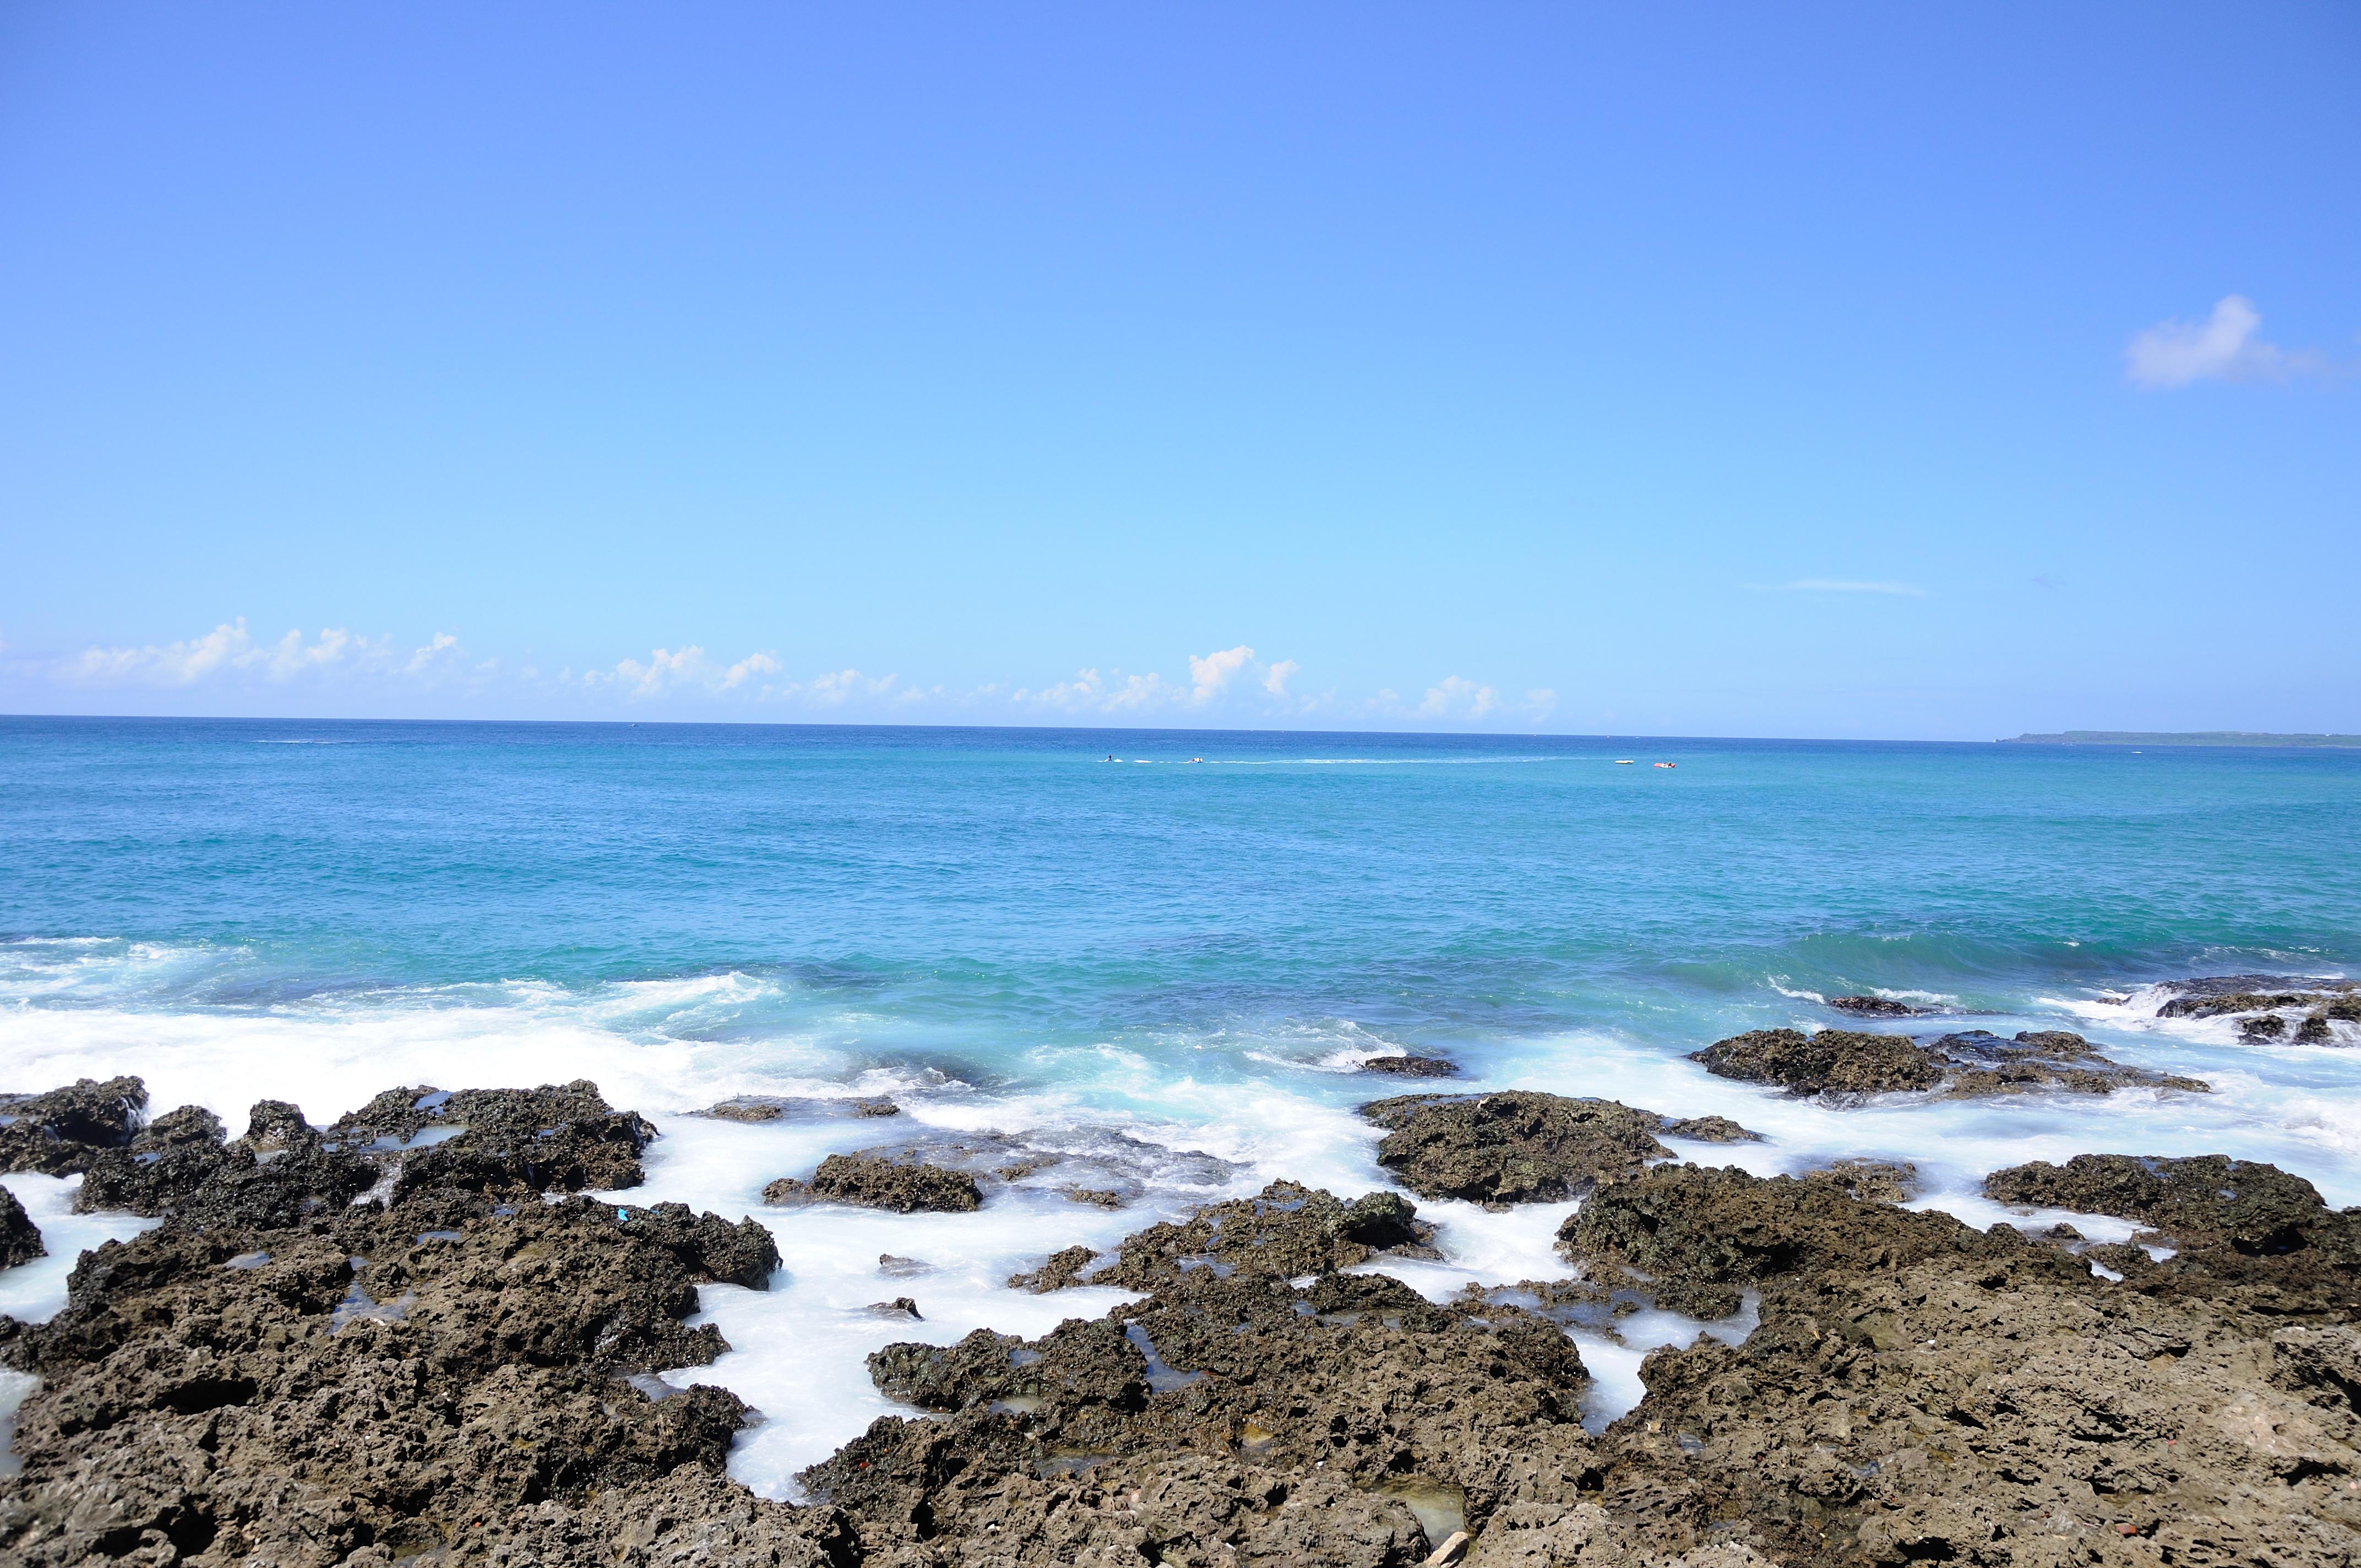 蓝色的海水